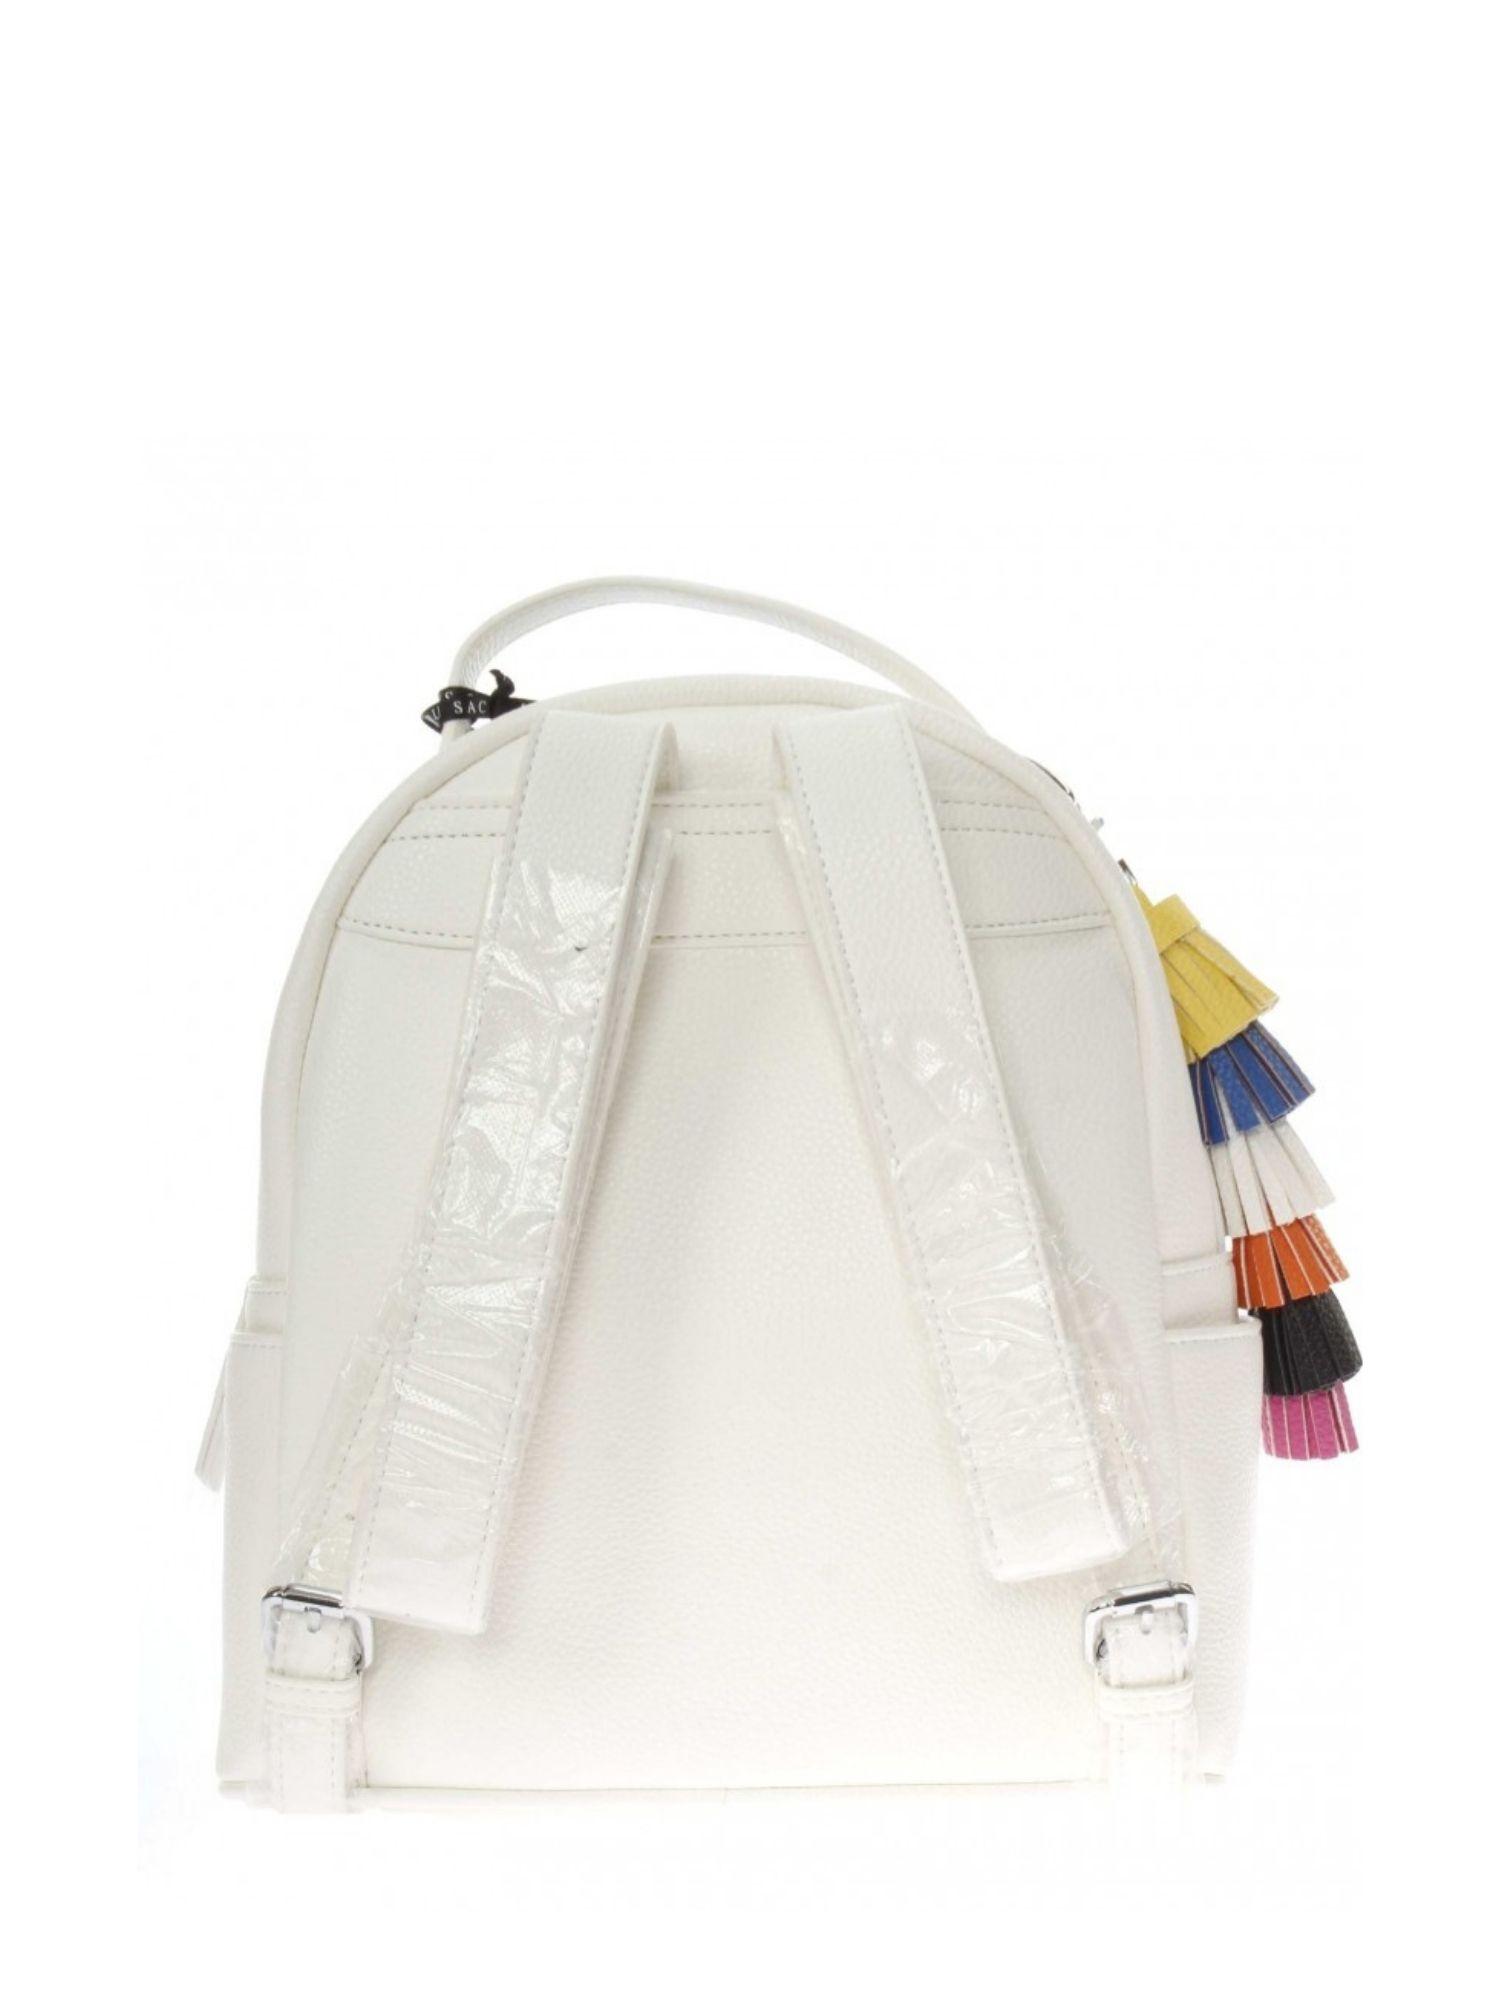 Zaino Pash Bag Atelier Du Sac 10796 Bianco ret 1